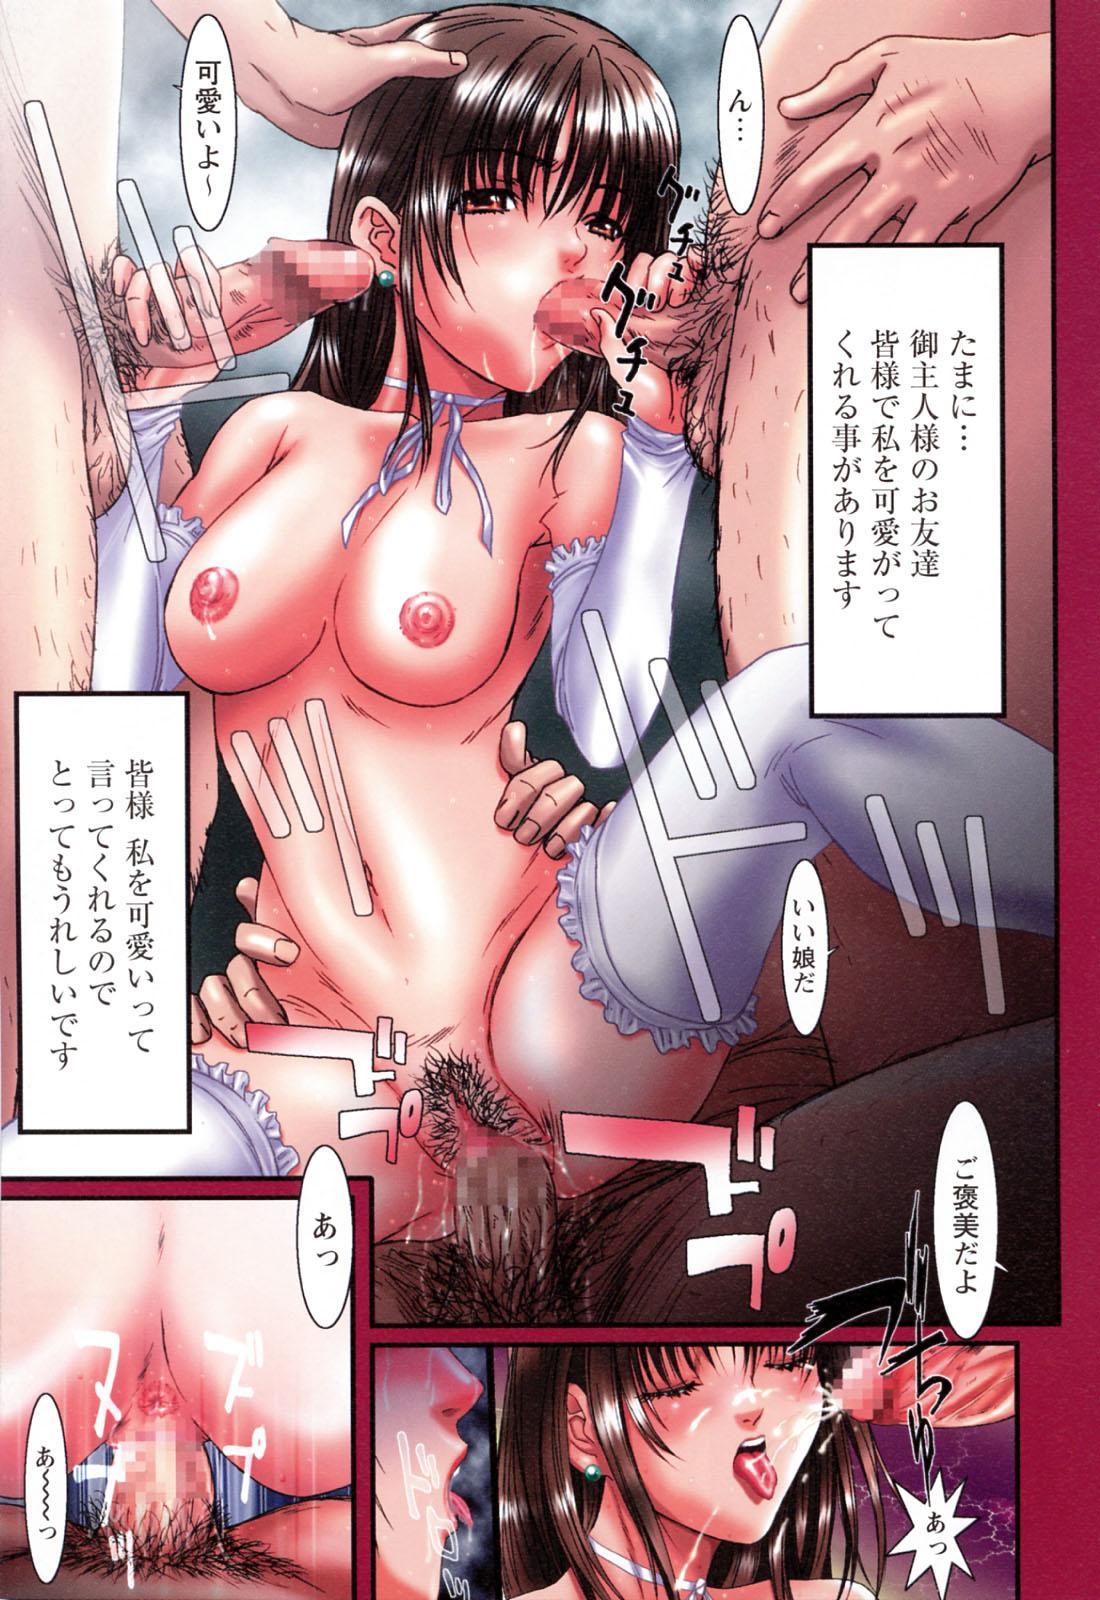 [Nanno Koto] Imouto-tachi no Sasayaki - Little sisters Whisper. 78